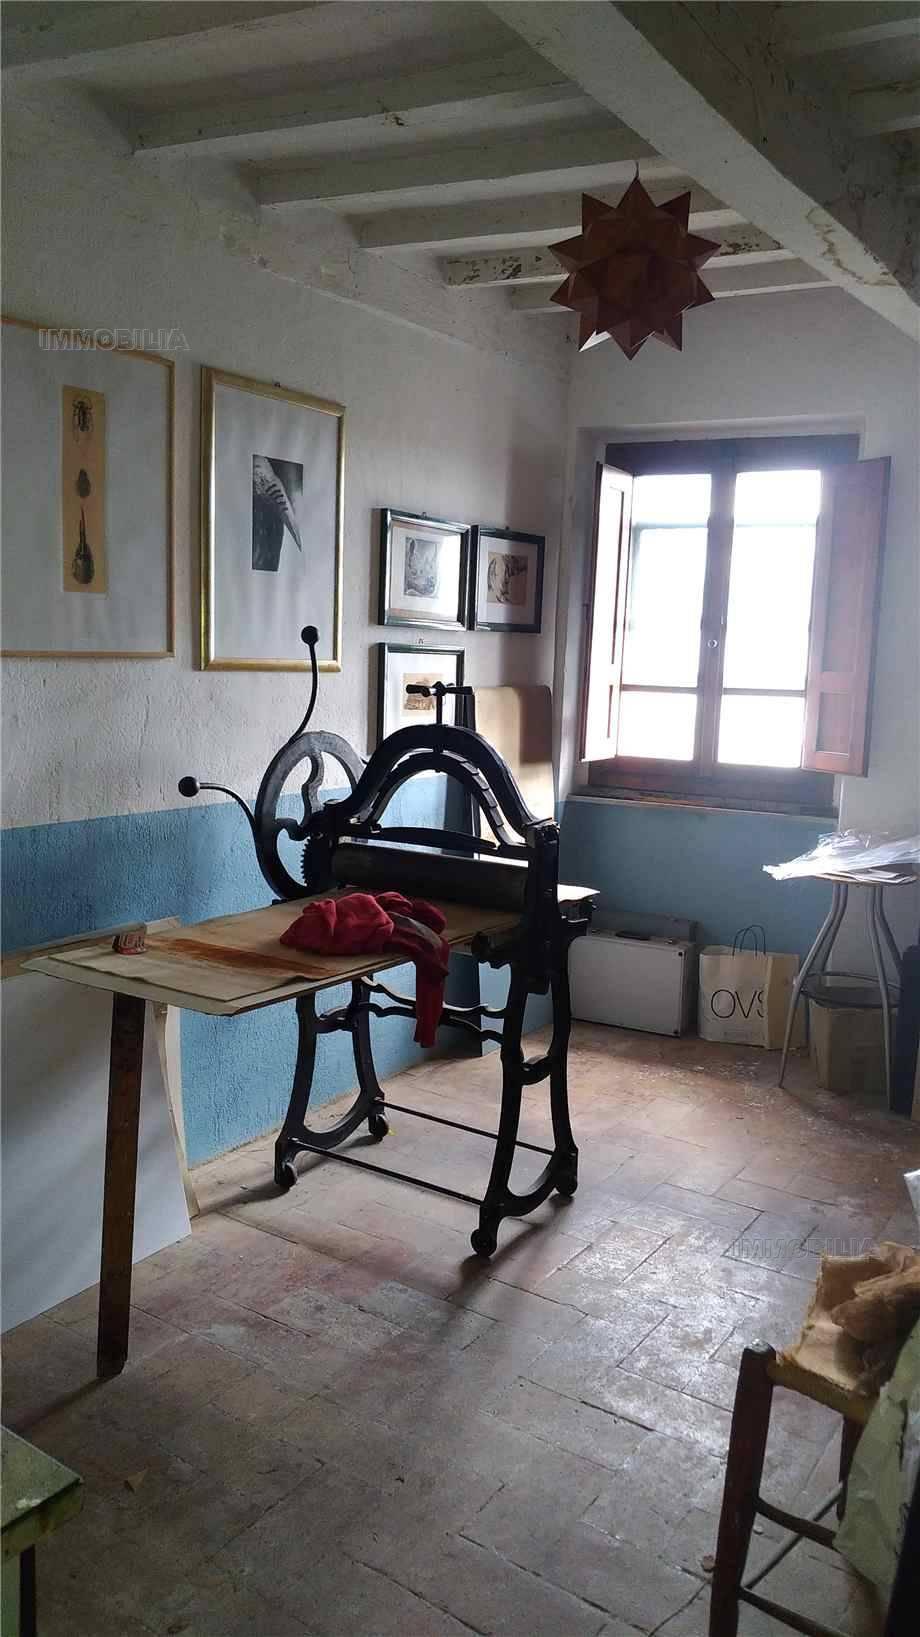 For sale Semi-detached house Sansepolcro  #459 n.6